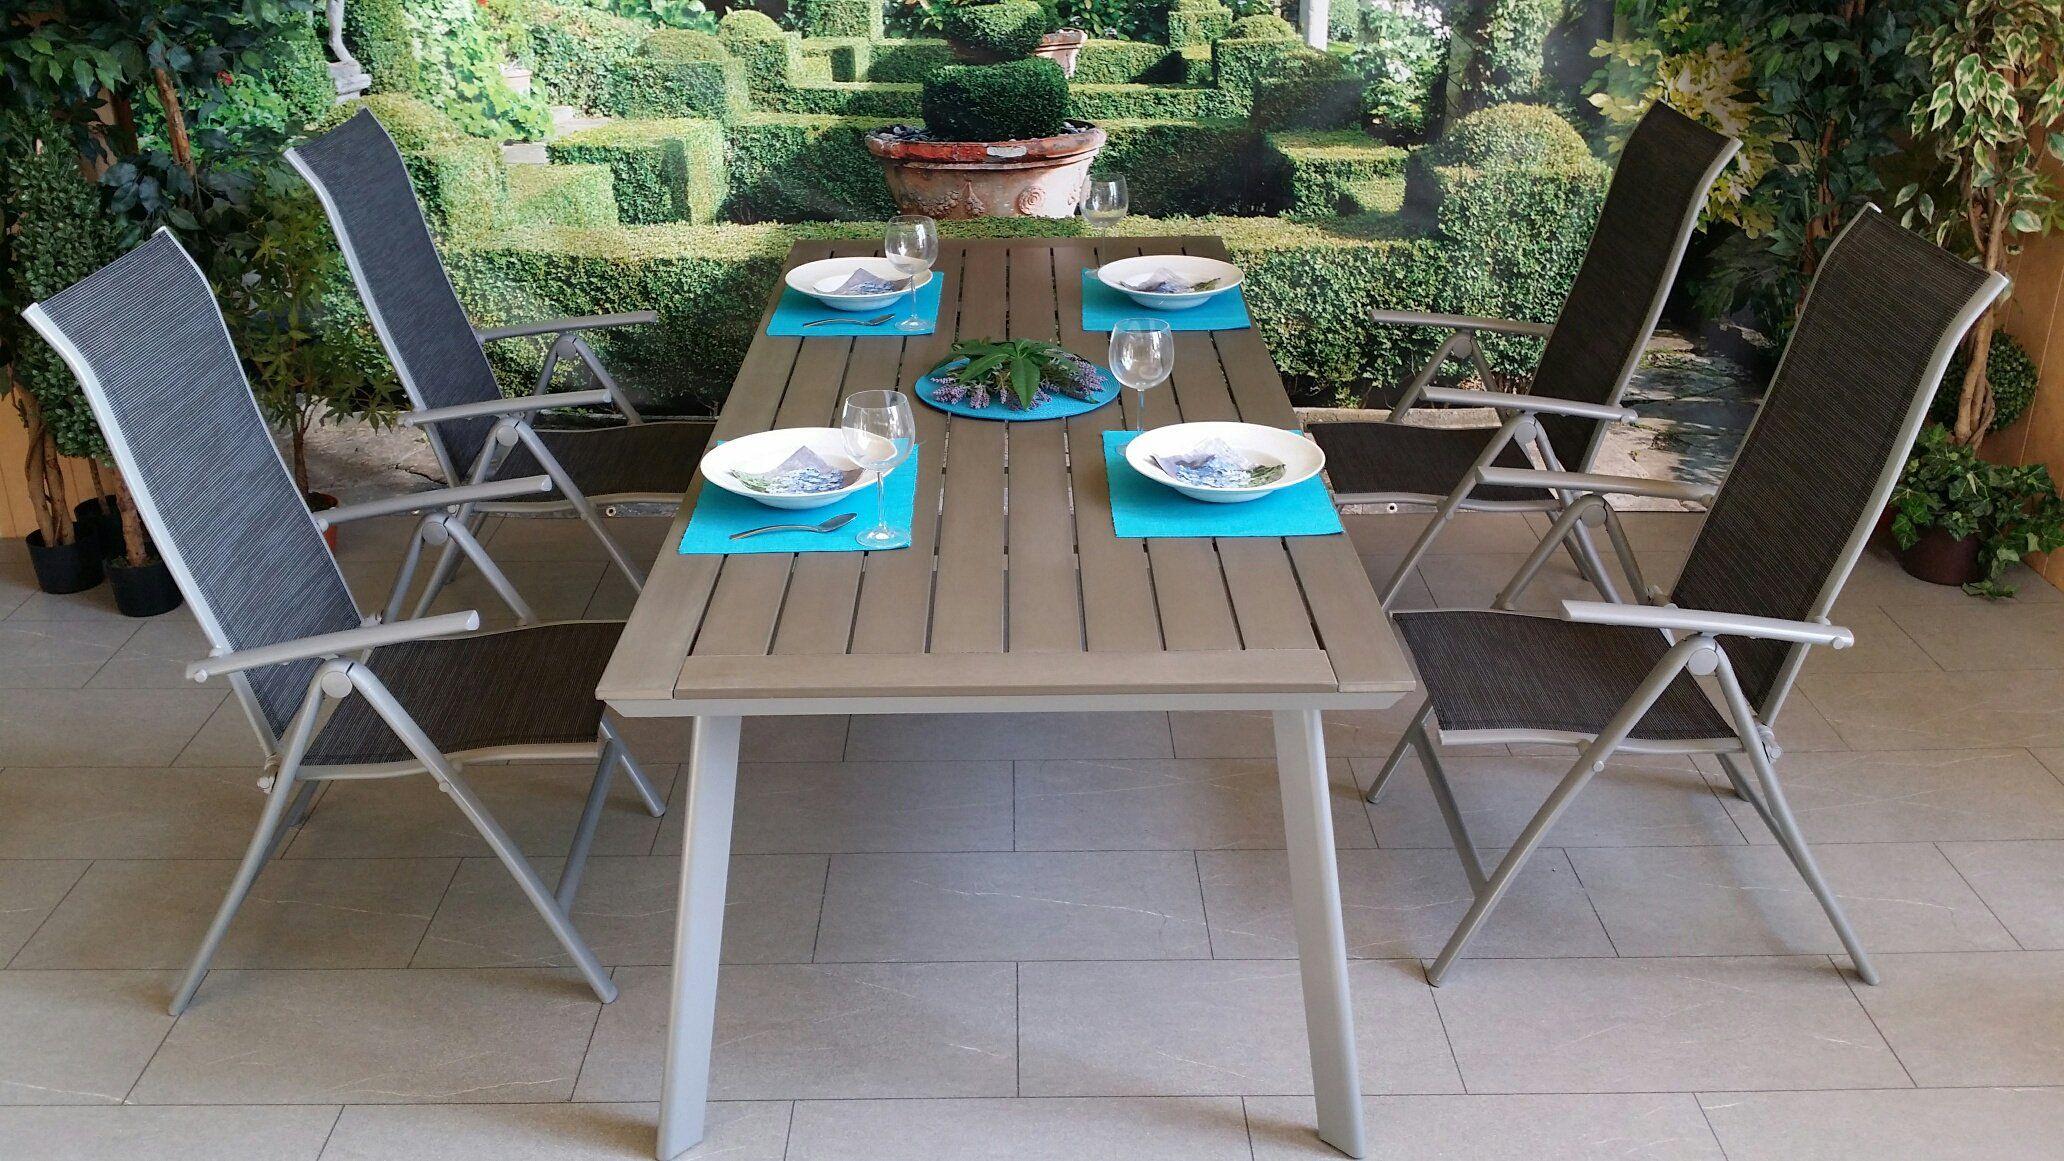 angebote gartenm bel textilen bei holzwelt gr f in stuhr bremen delmenhorst. Black Bedroom Furniture Sets. Home Design Ideas